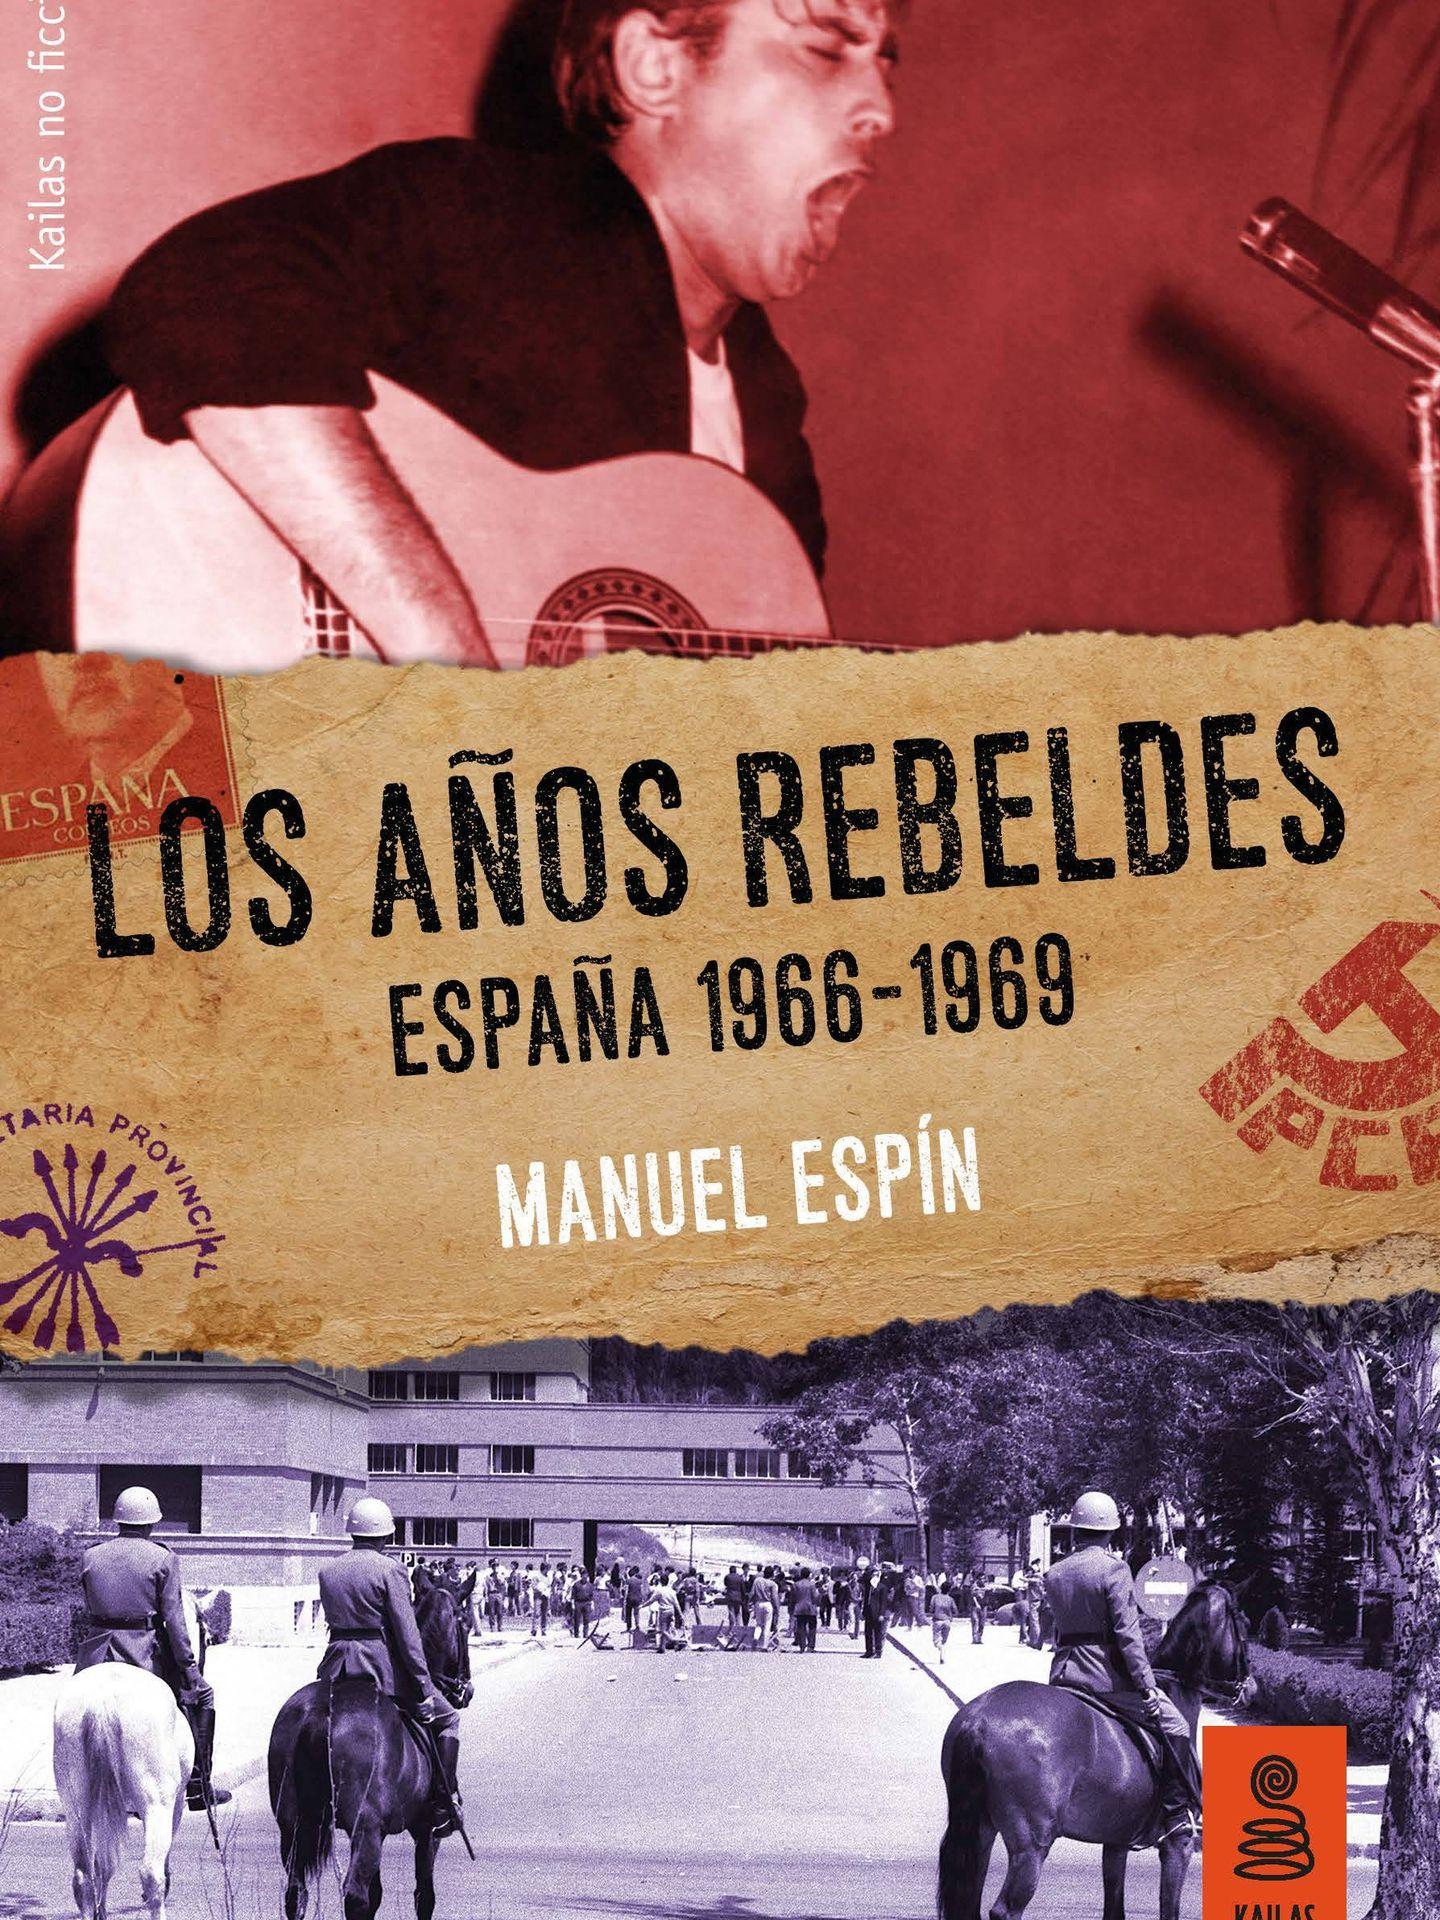 'Los años rebeldes: España 1966-1969'. (Kailas)